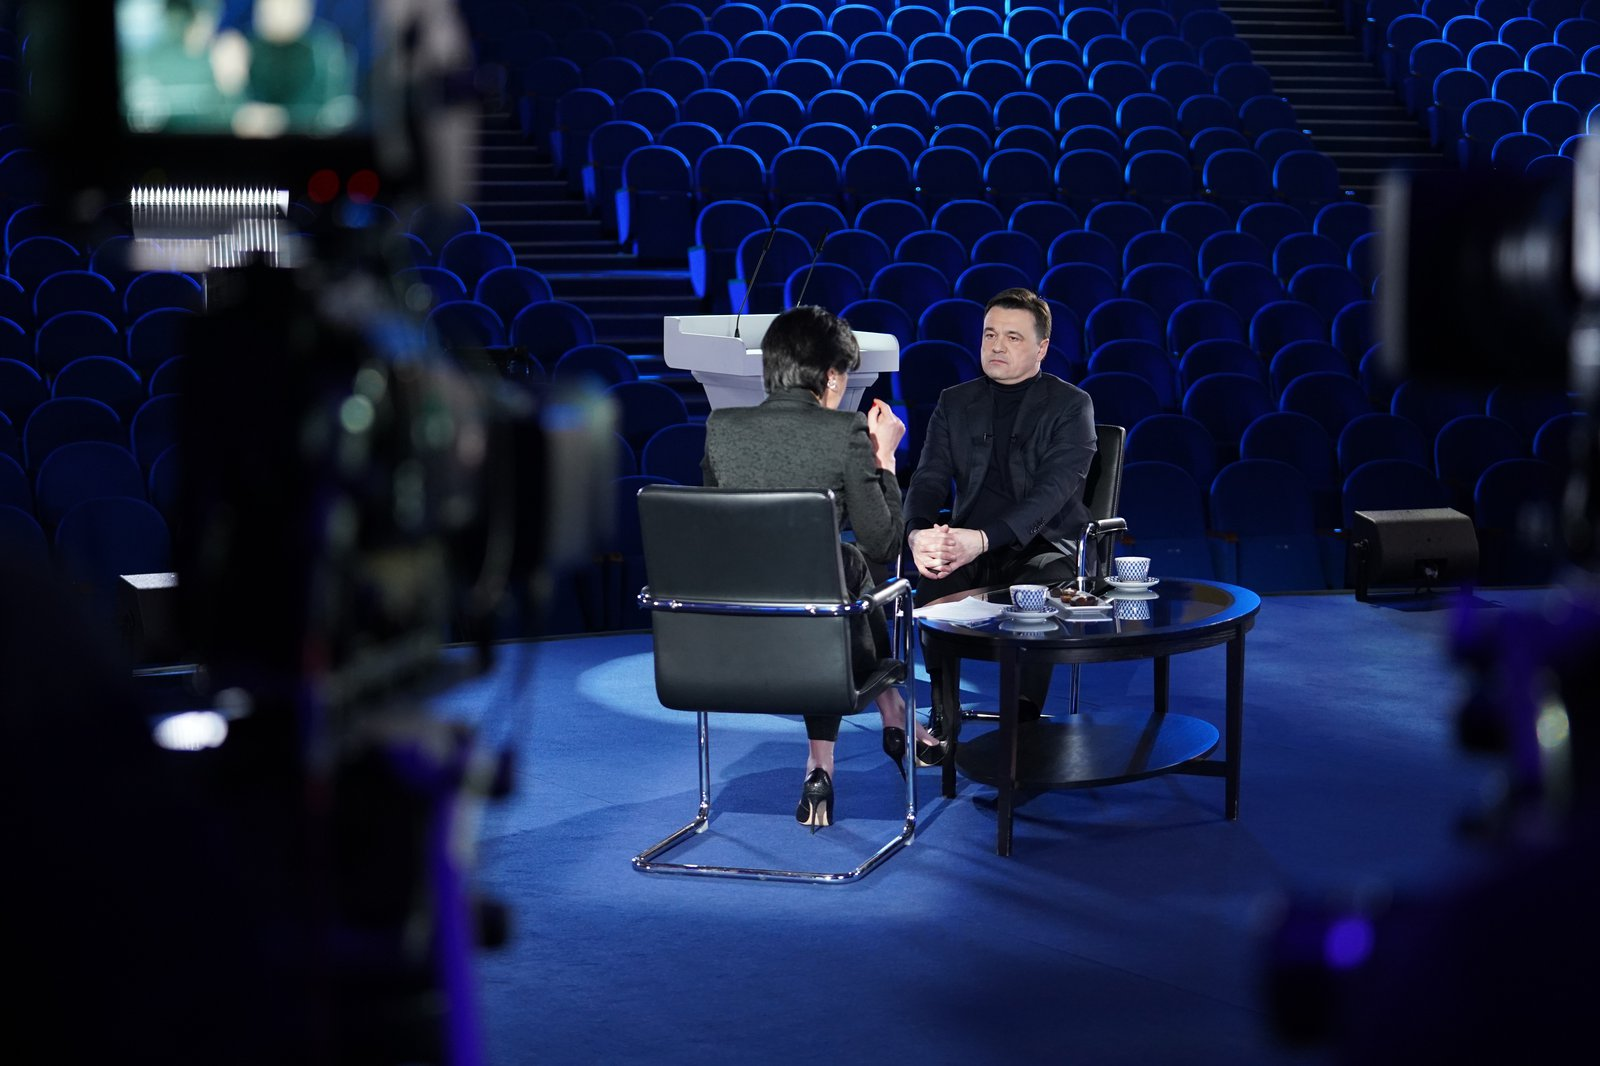 Андрей Воробьев губернатор московской области - Прямой разговор с Ирадой Зейналовой